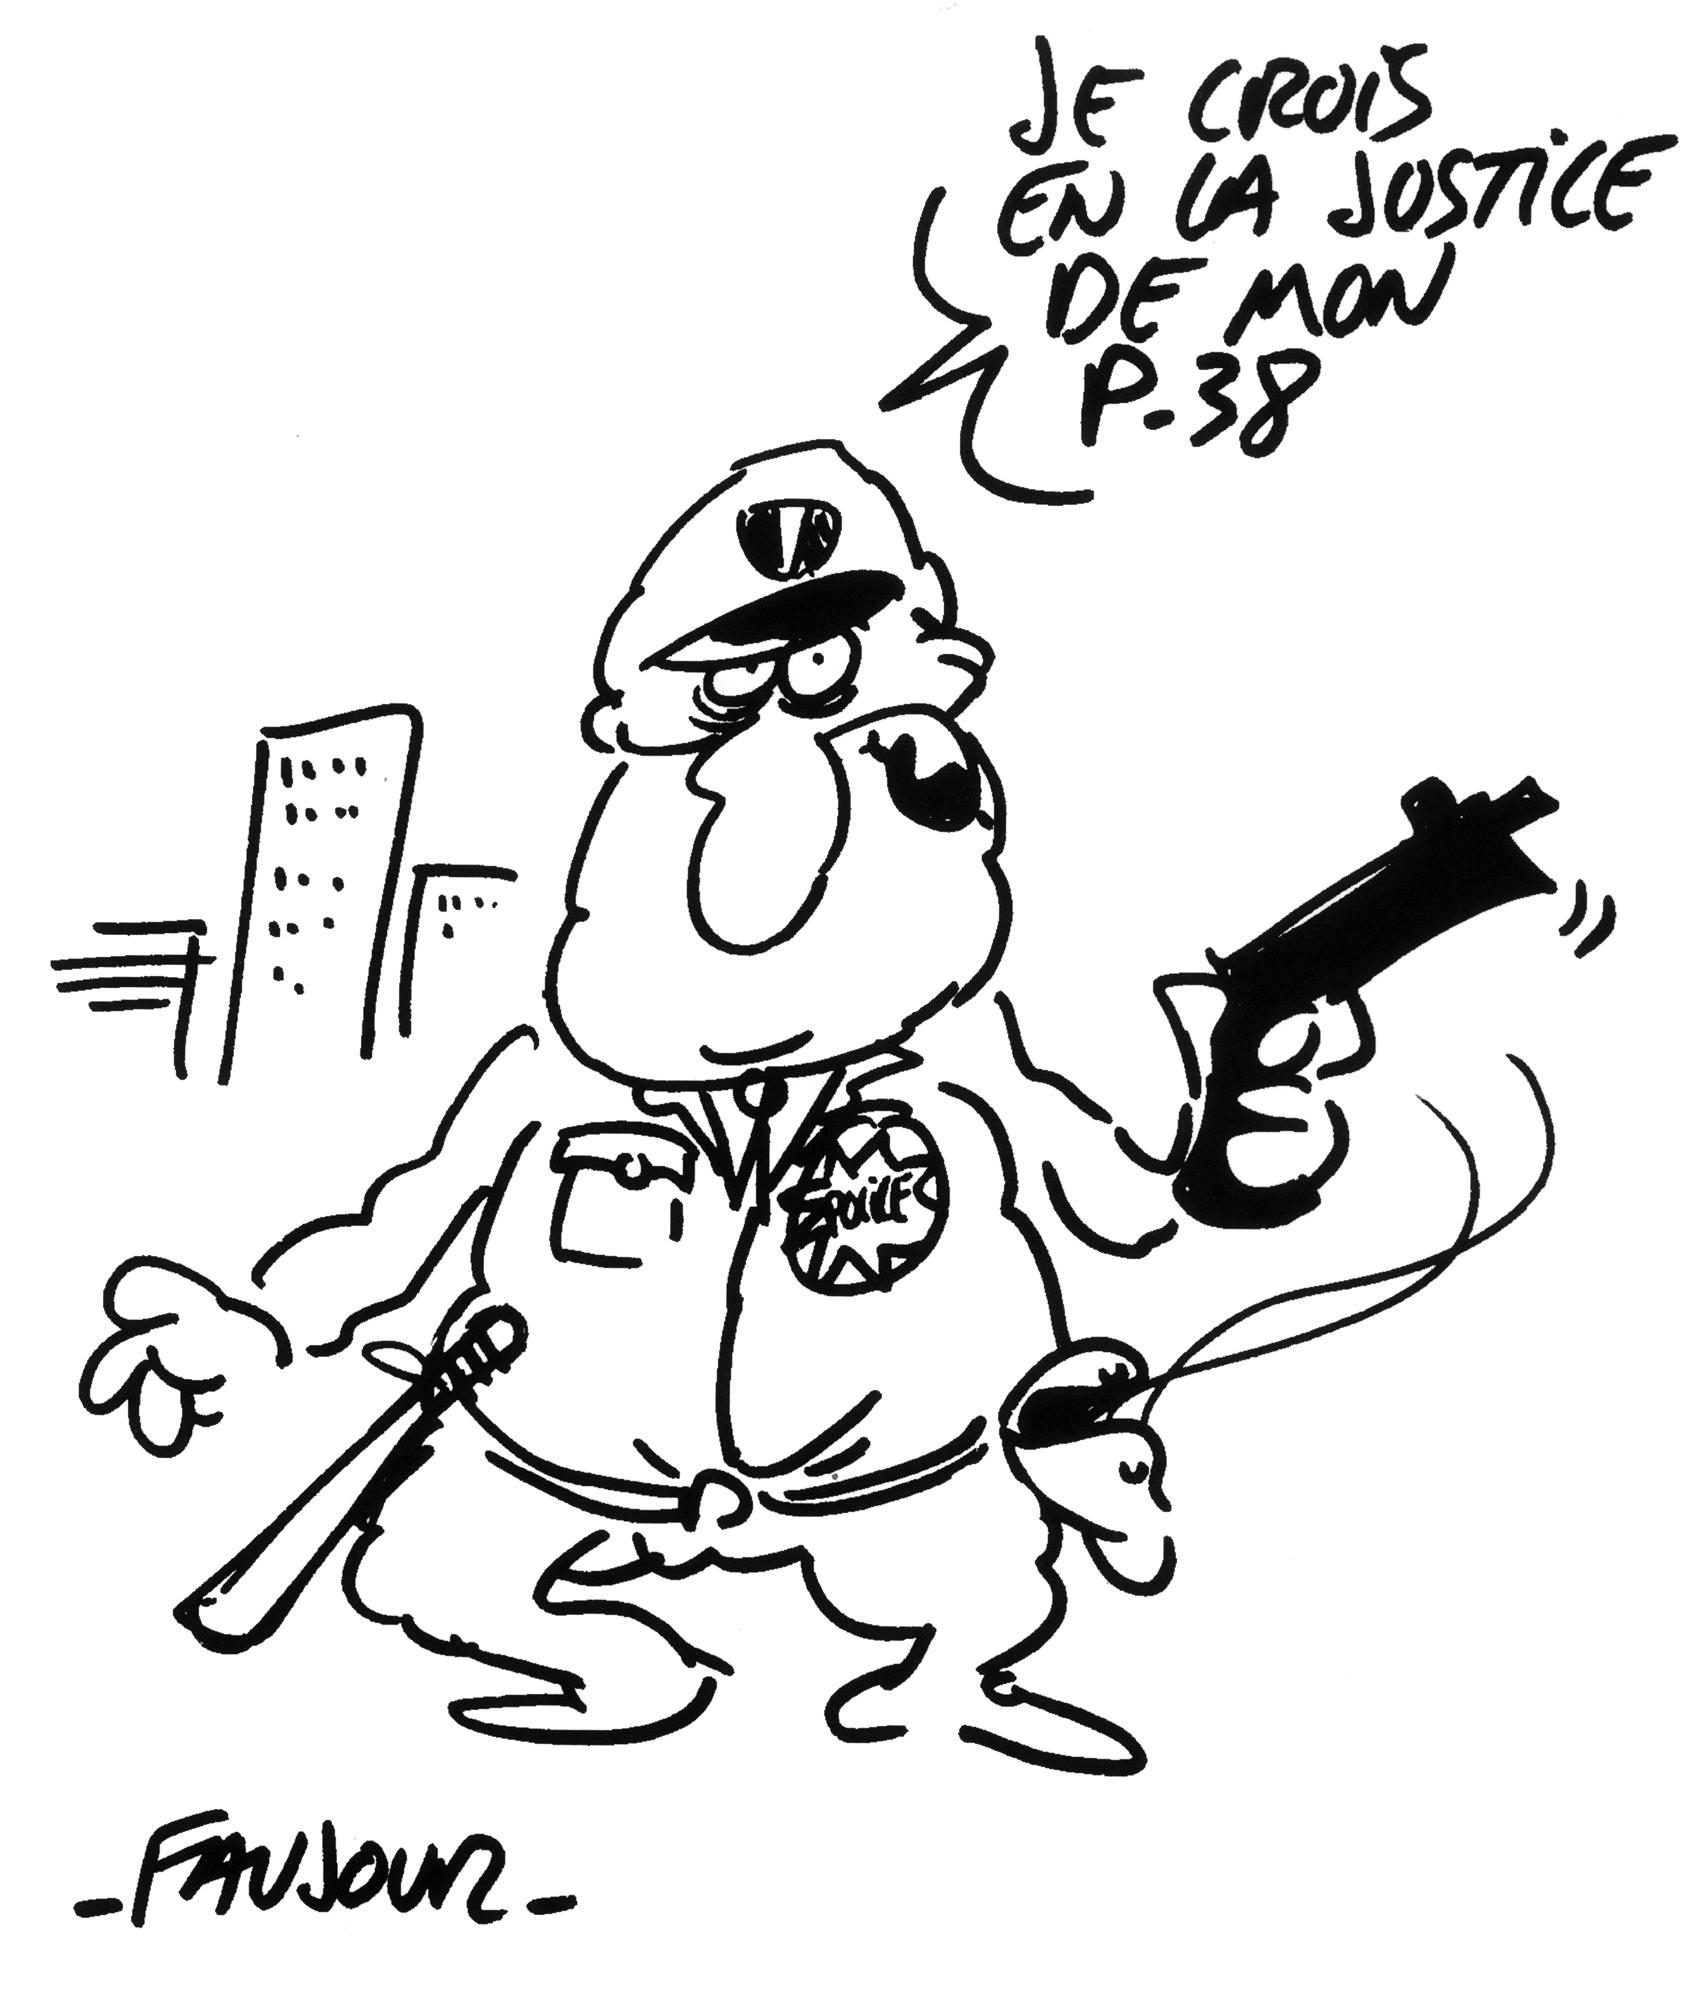 45-justice.jpg